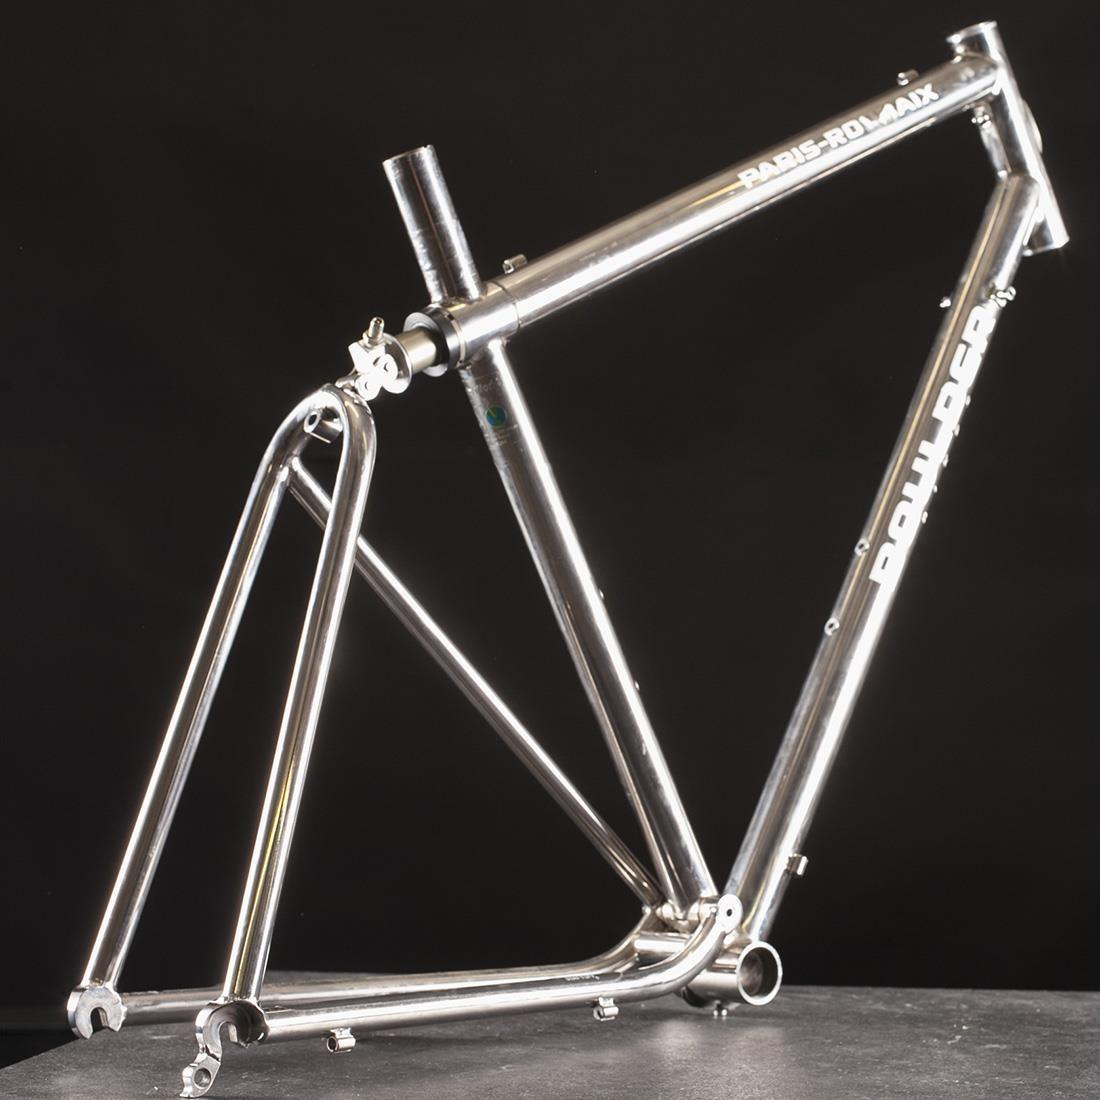 Boulder Titanium Suspension Road Bike Rare Fahrrad Design